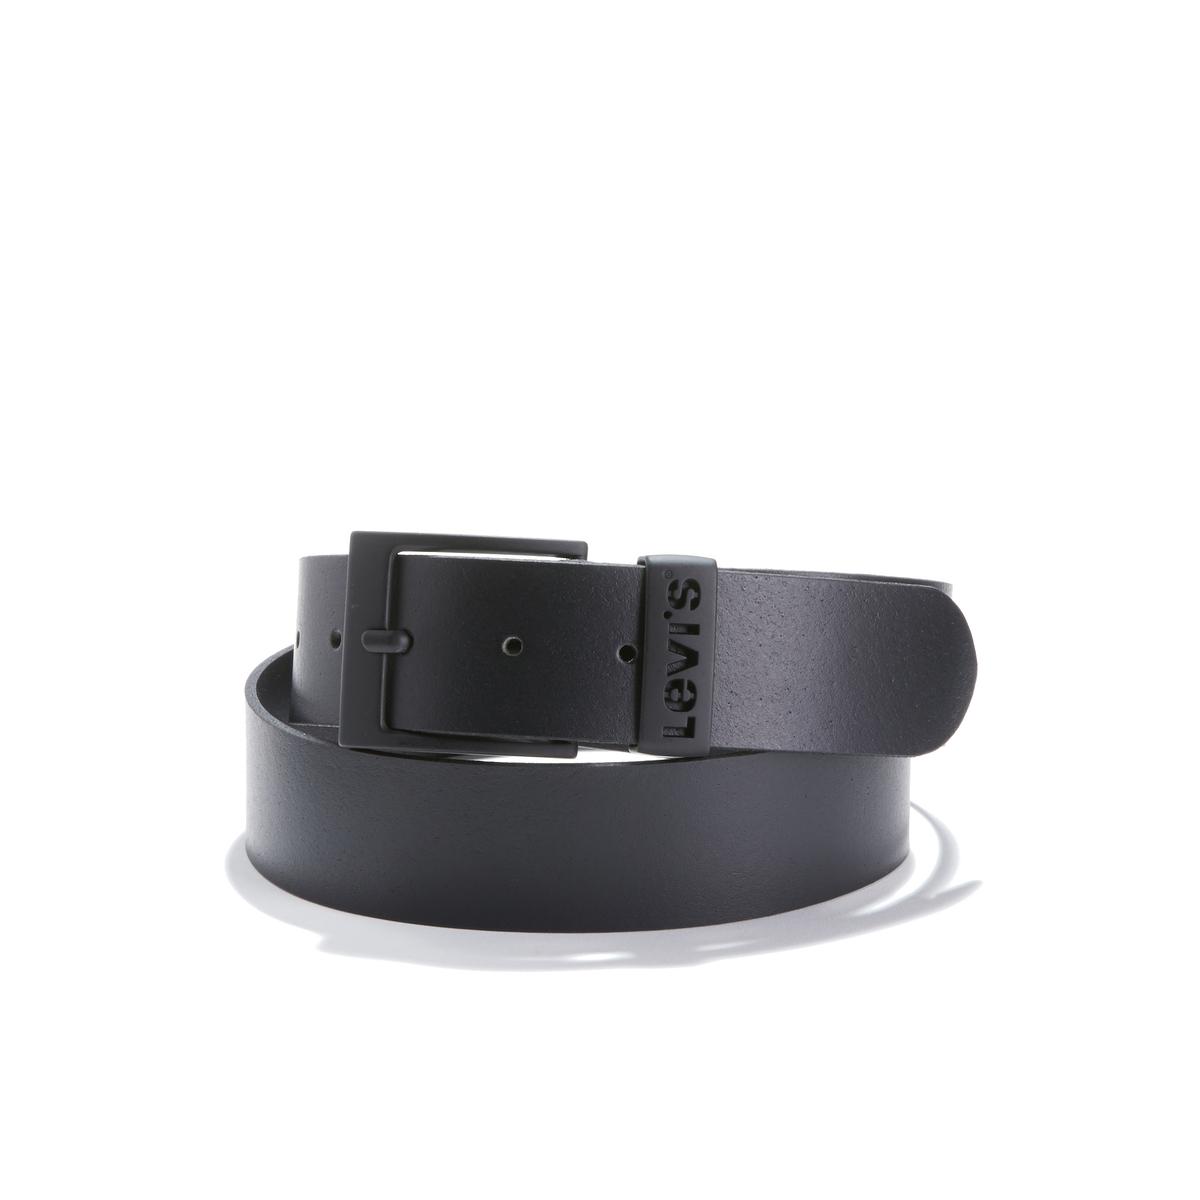 Image of Ashland Metal Leather Belt